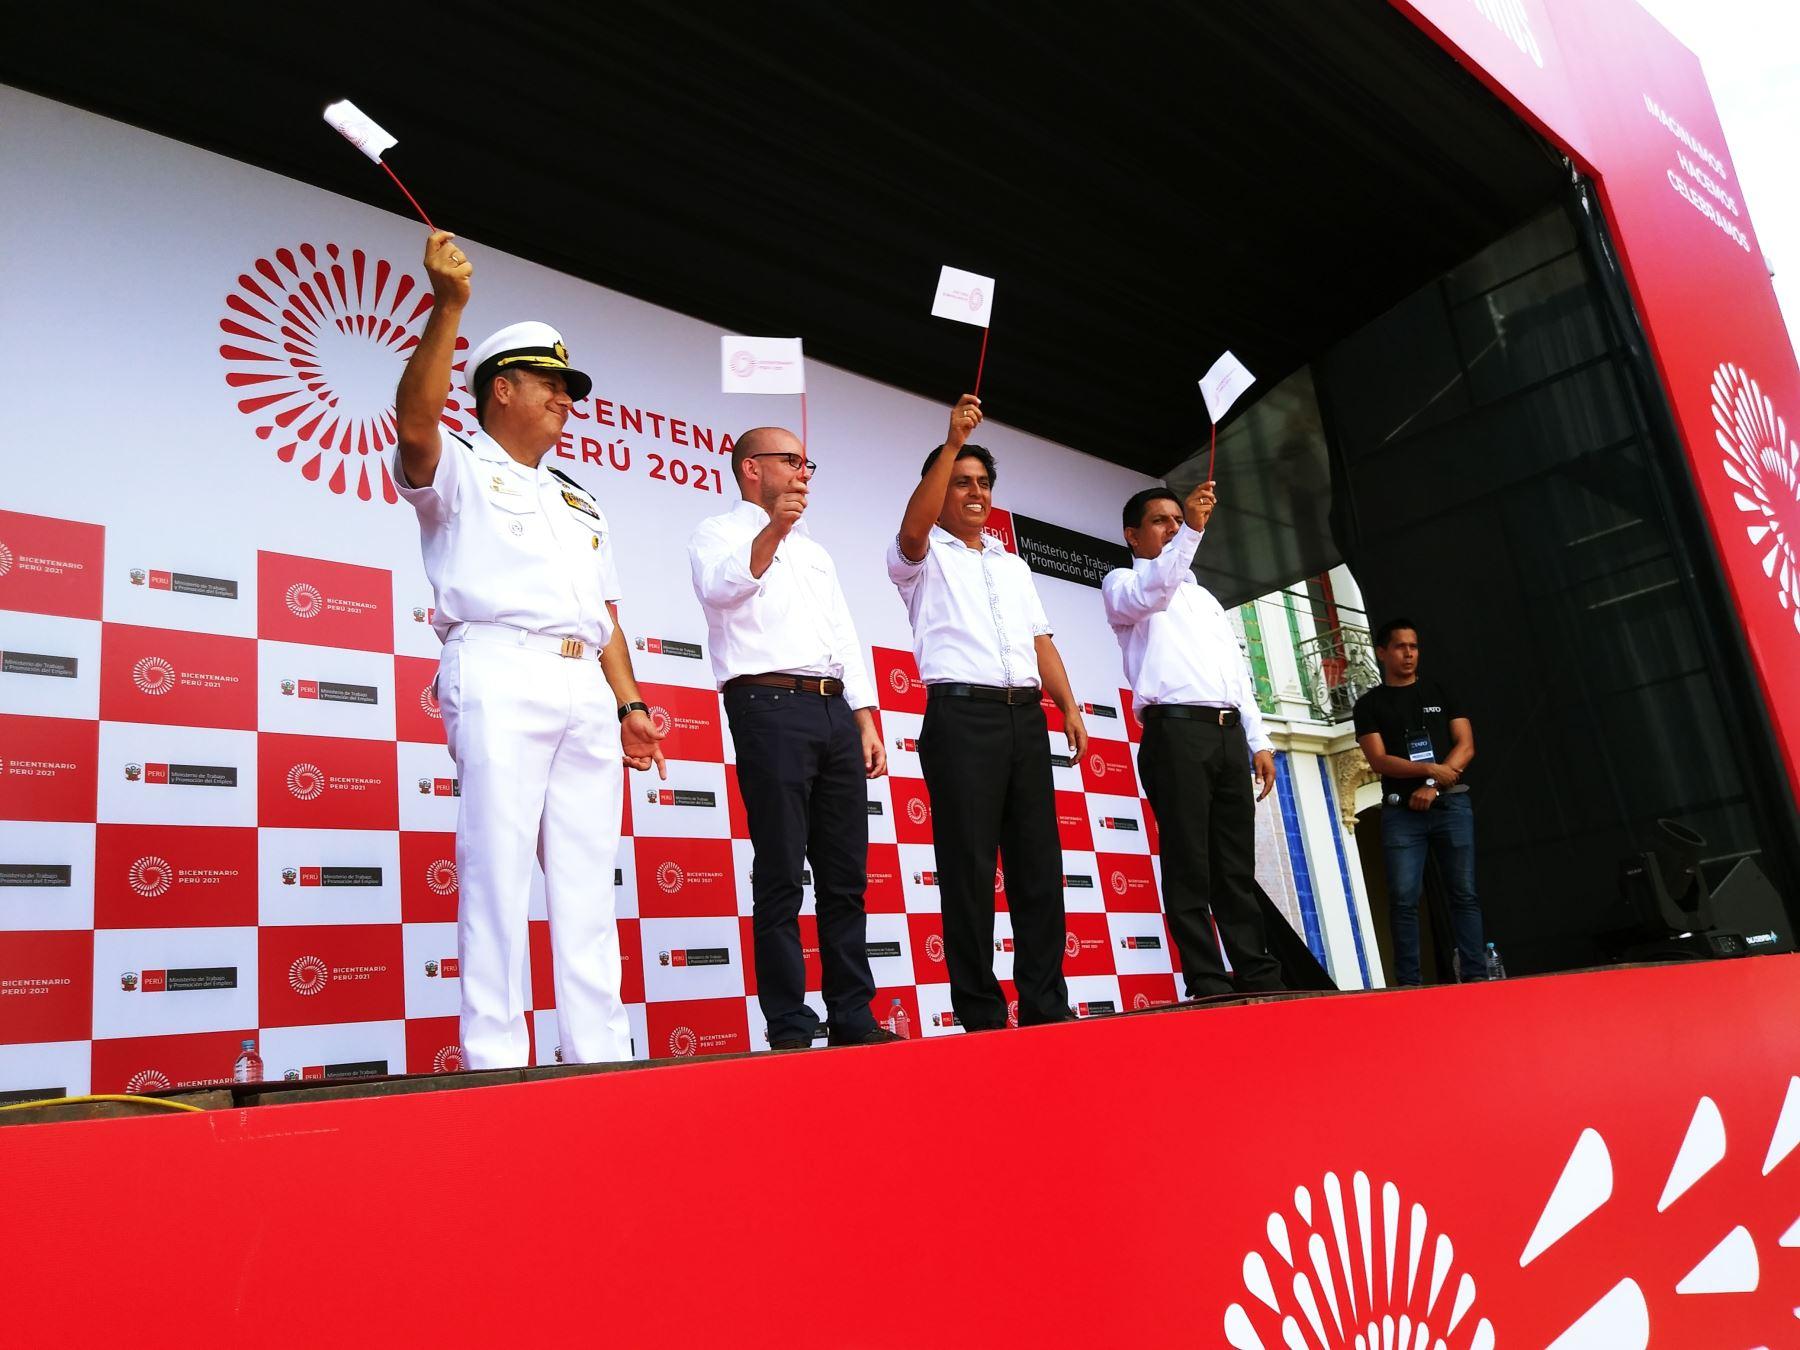 Bicentenario en Iquitos: ministro de Sánchez destaca objetivo de trabajo digno para todos. Foto: Luis Zuta Dávila.